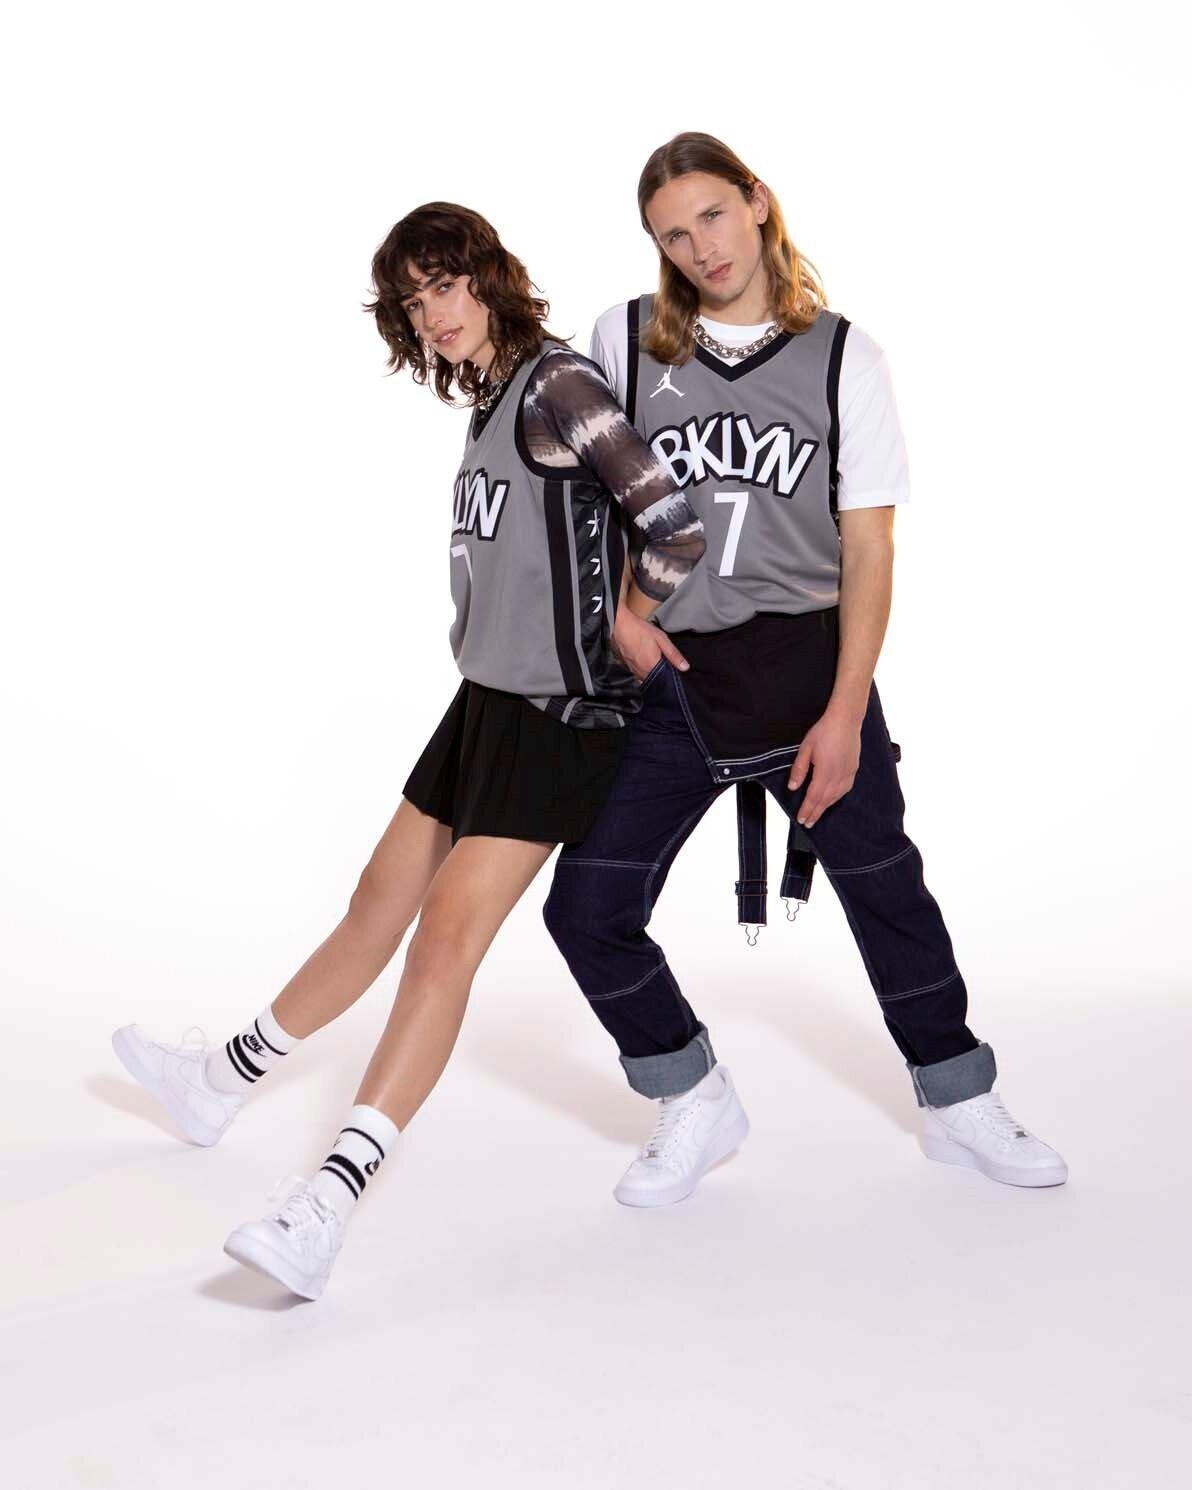 Nike Bkn M Nk Swgmn Jsy Stmt 20